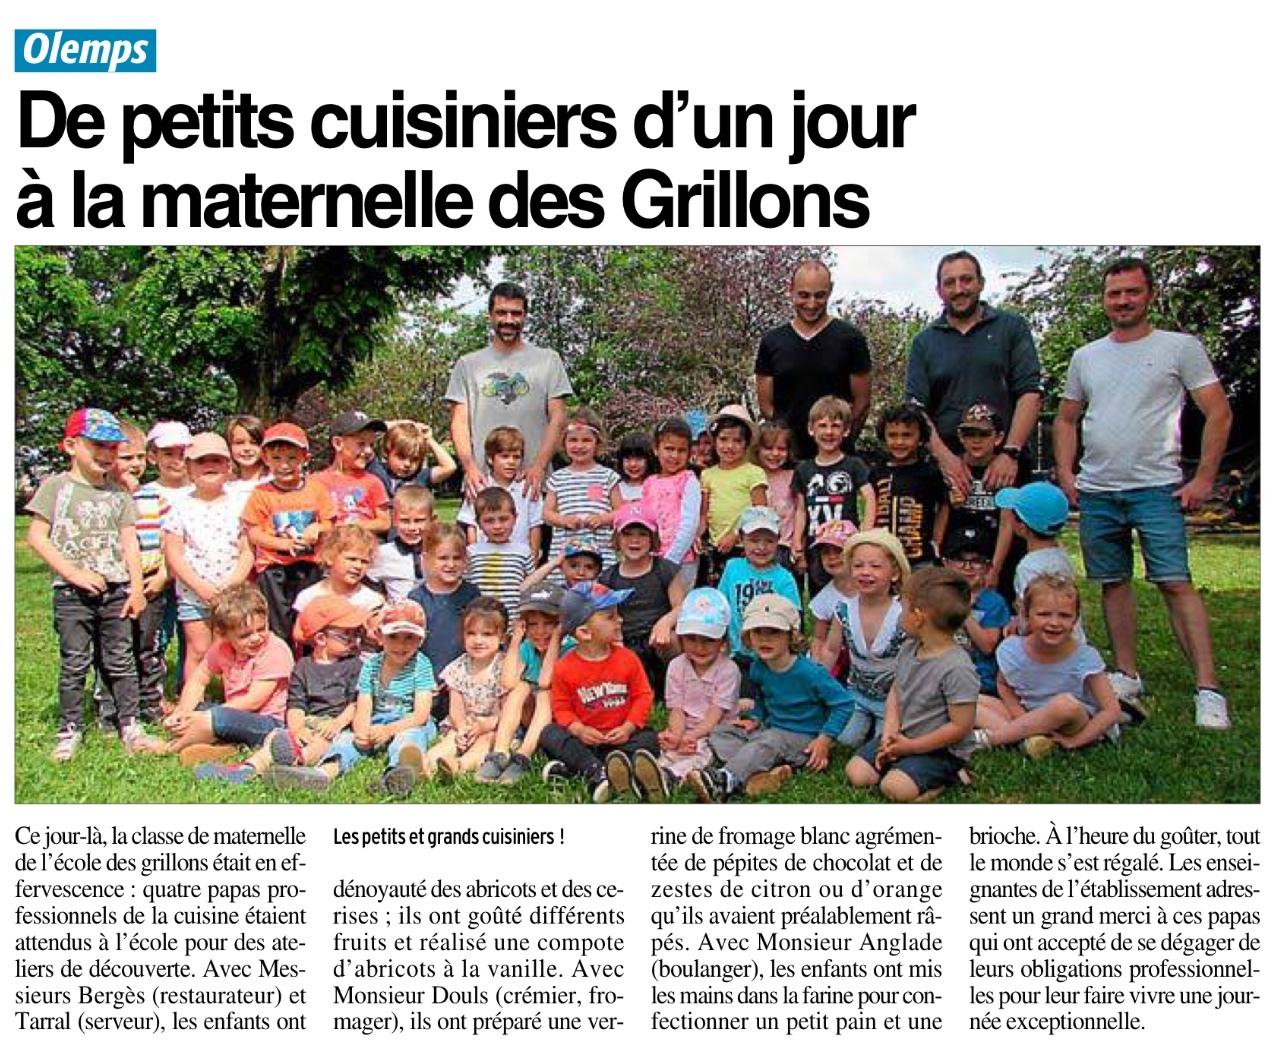 Olemps -Ecole Les Grillons